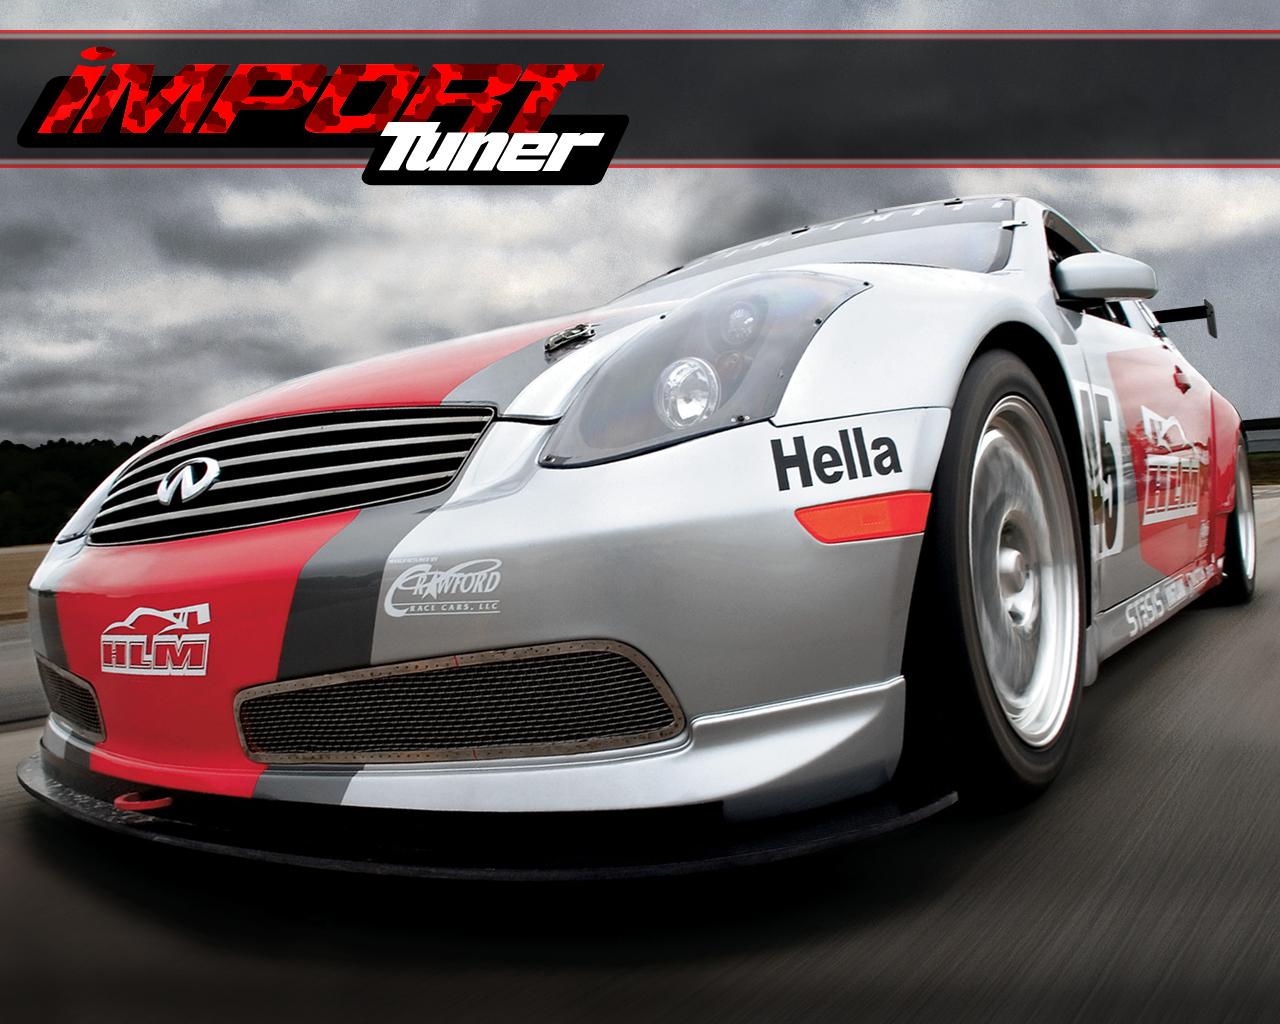 http://1.bp.blogspot.com/-fqd5yY5NEkE/Tl7k8MrCMvI/AAAAAAAAAVc/ewNn2R296H4/s1600/0703_itwp_infiniti_g35_gt_race_car_1280.jpg